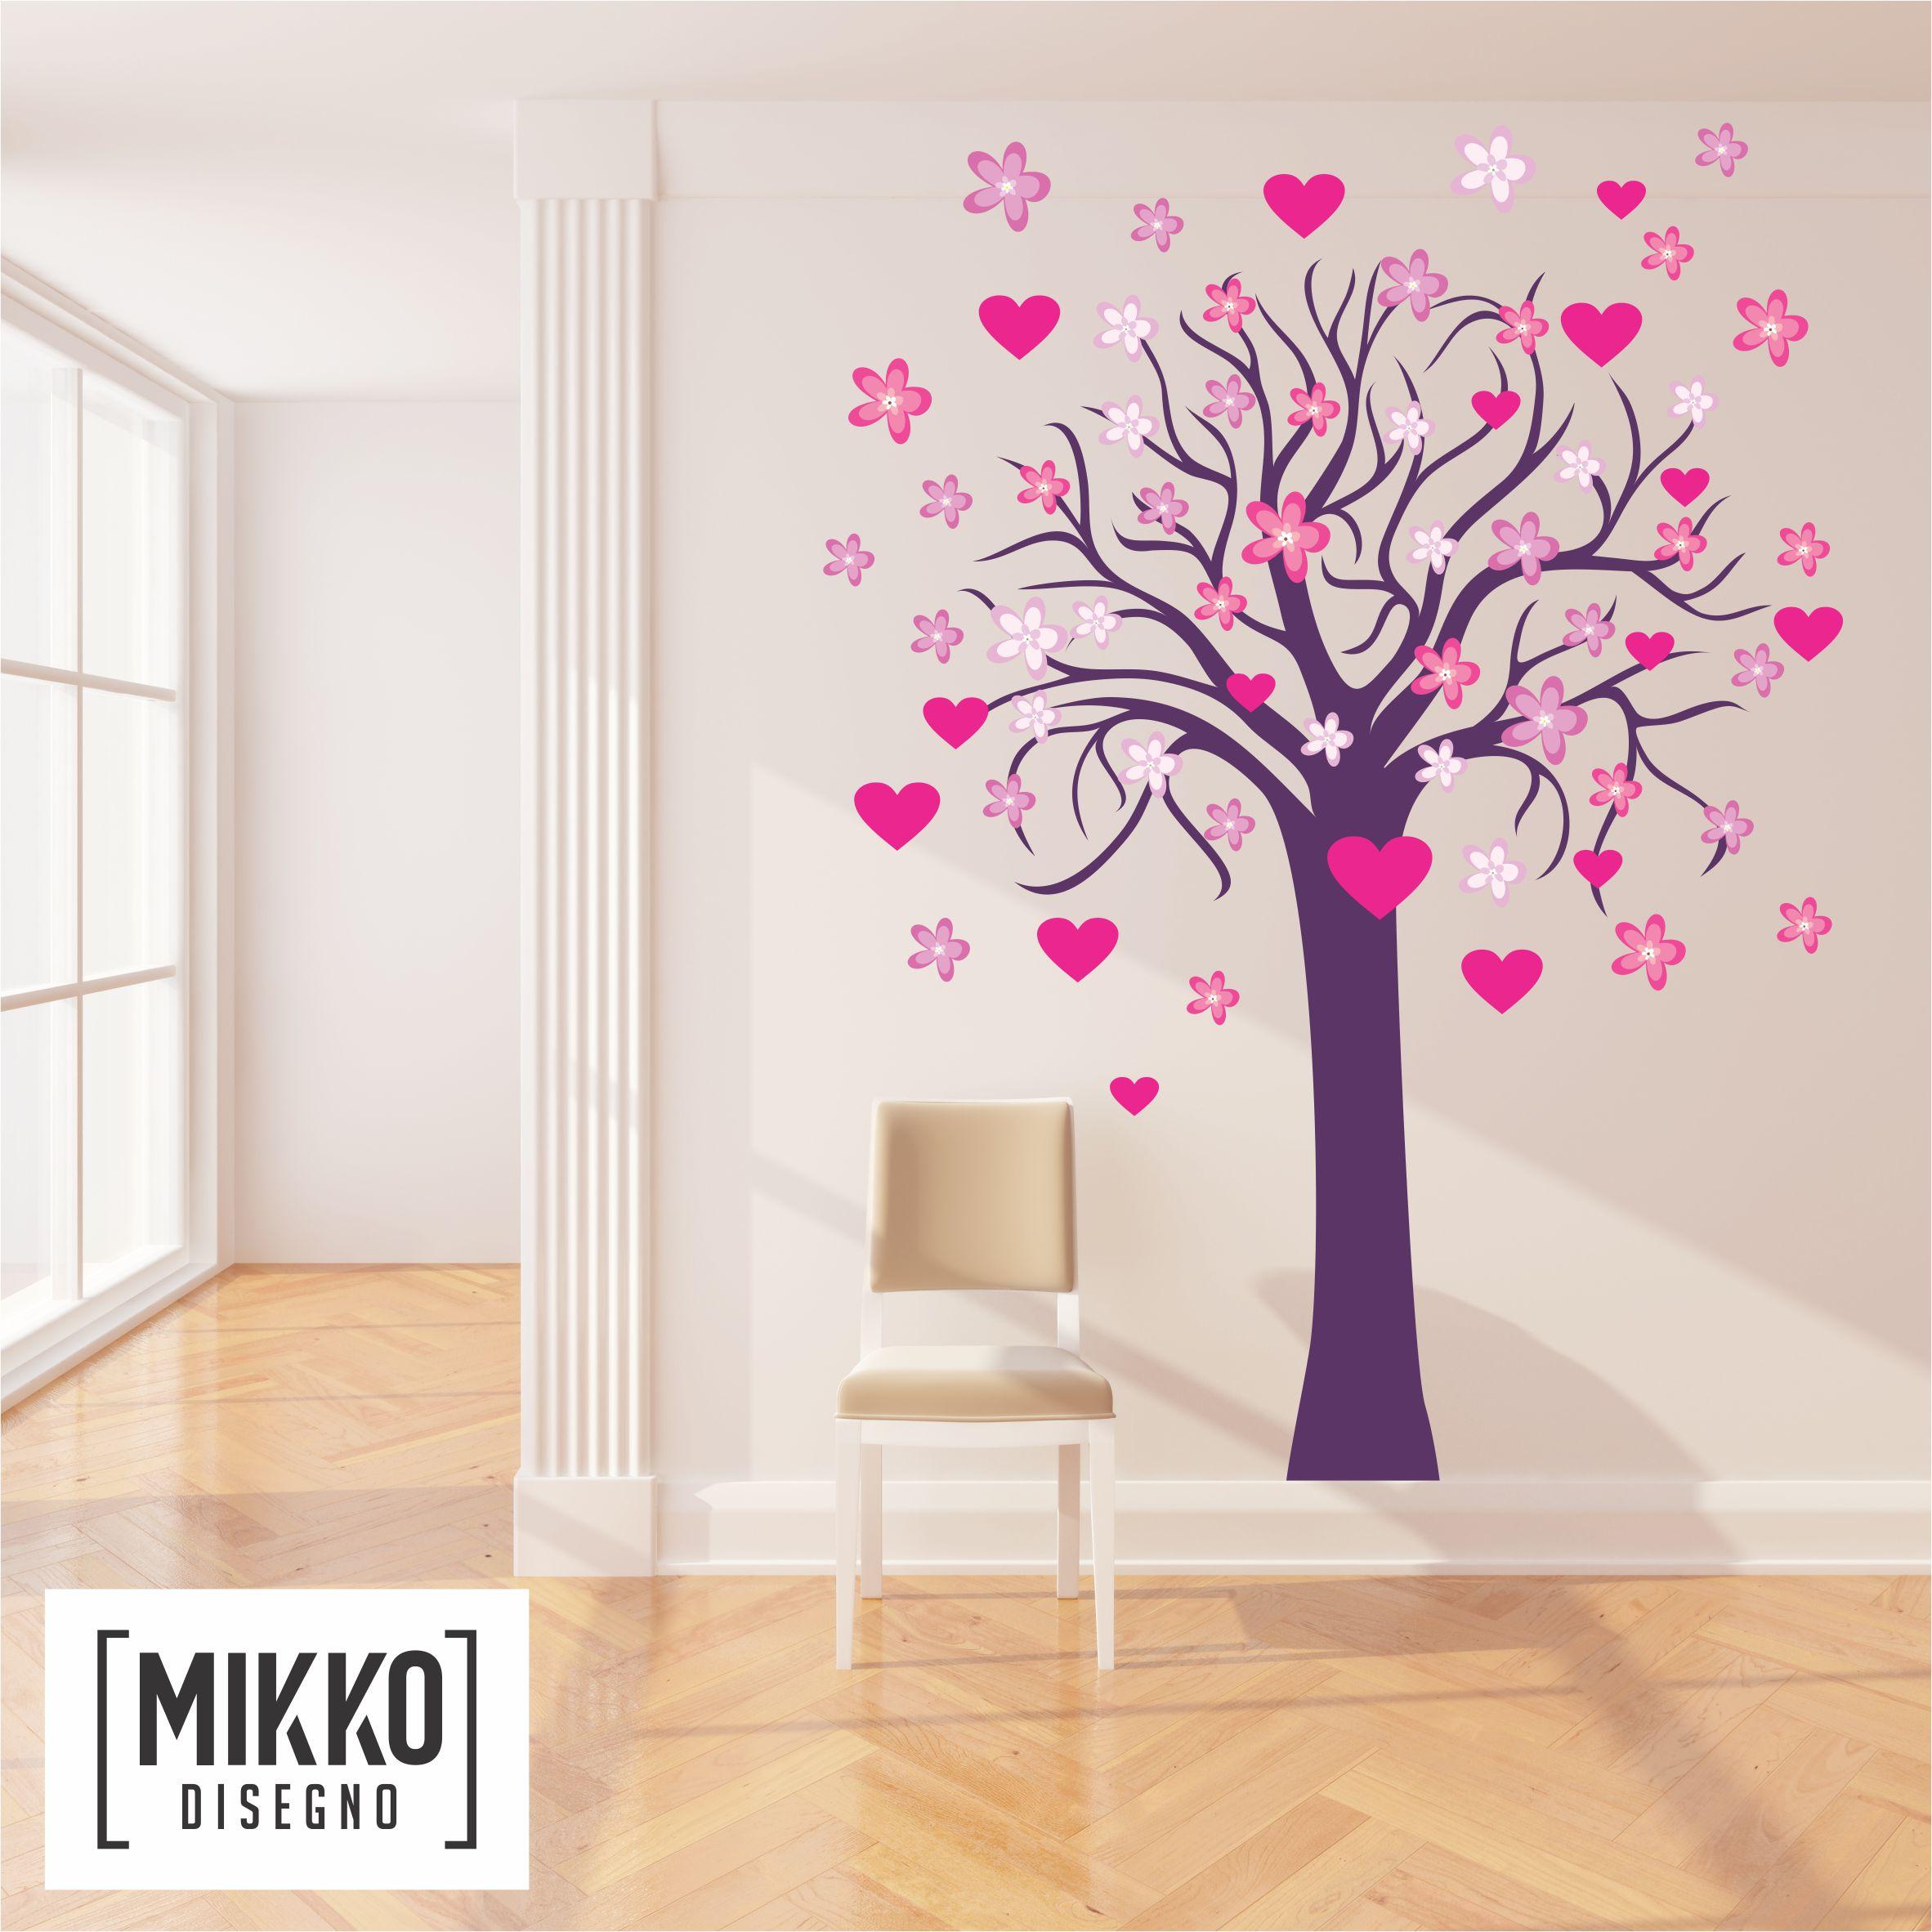 home a021 arbol con corazones y flores mikko disegno